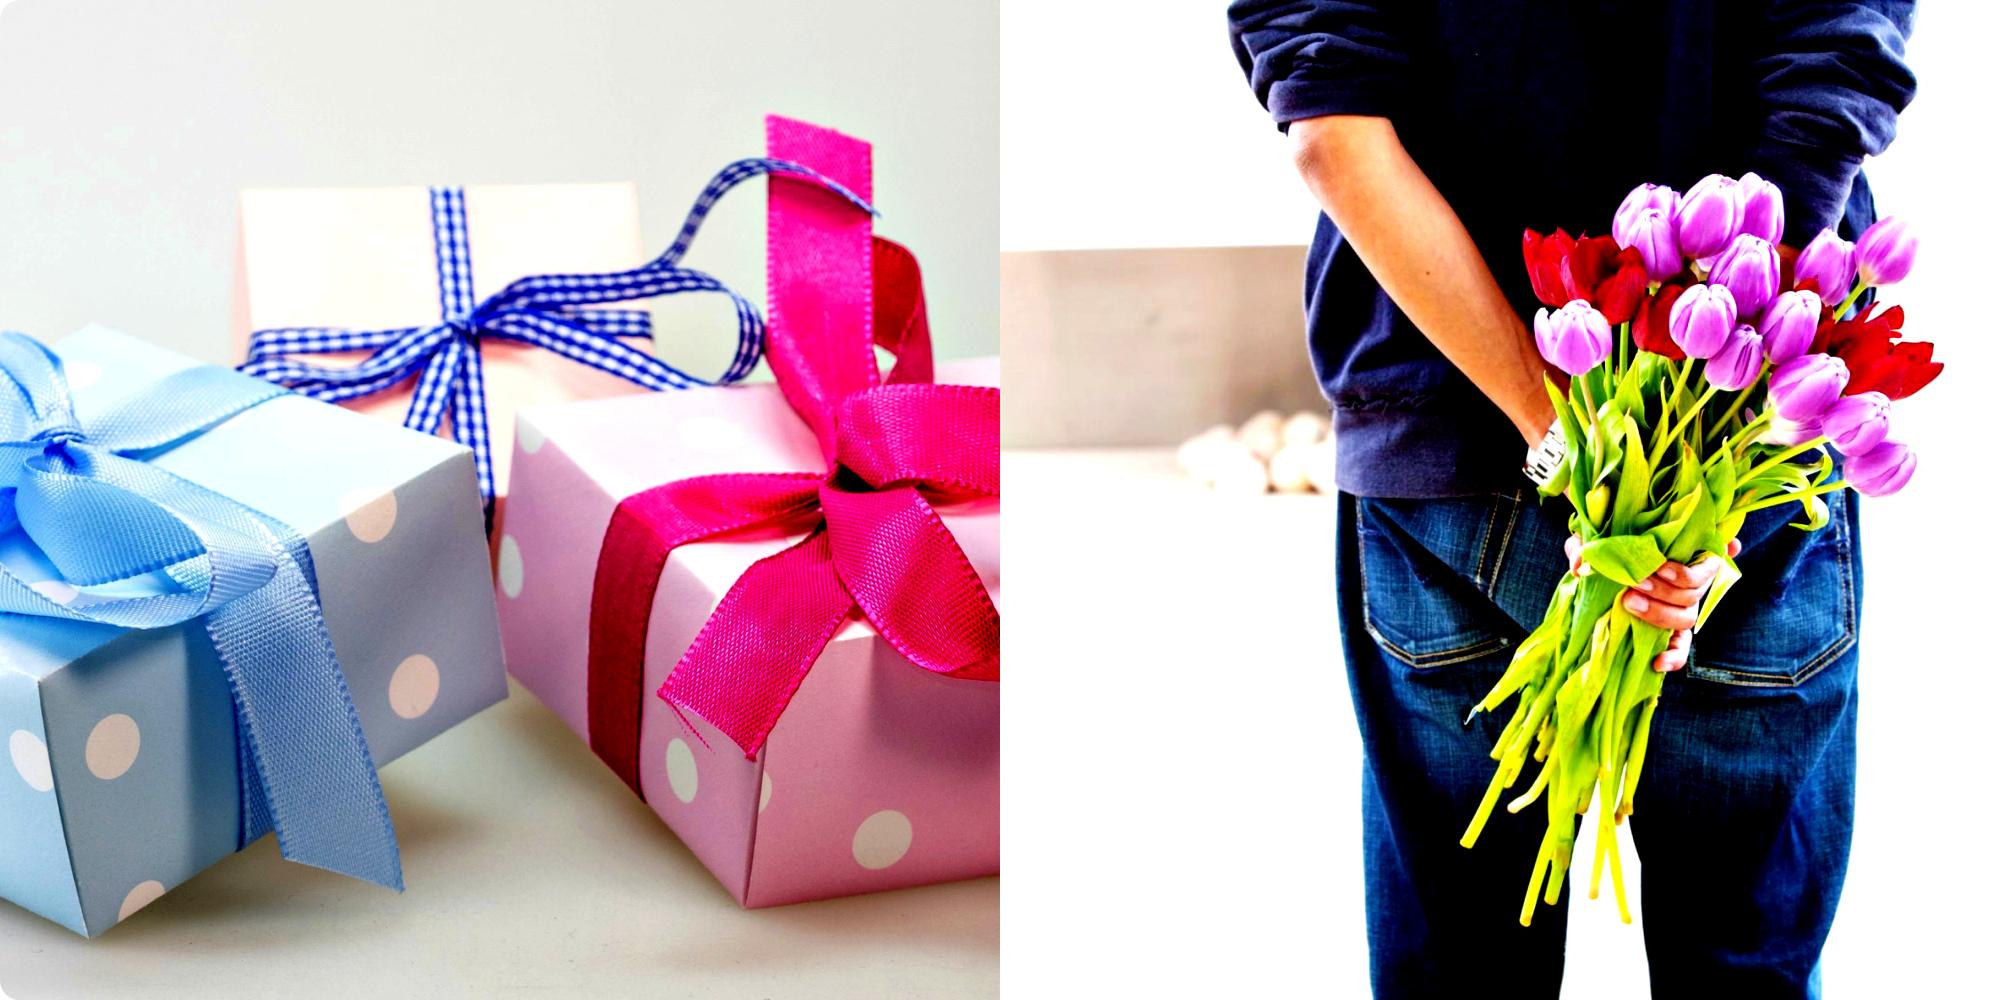 Що подарувати на 8 березня мамі, свекрусі або тещі?